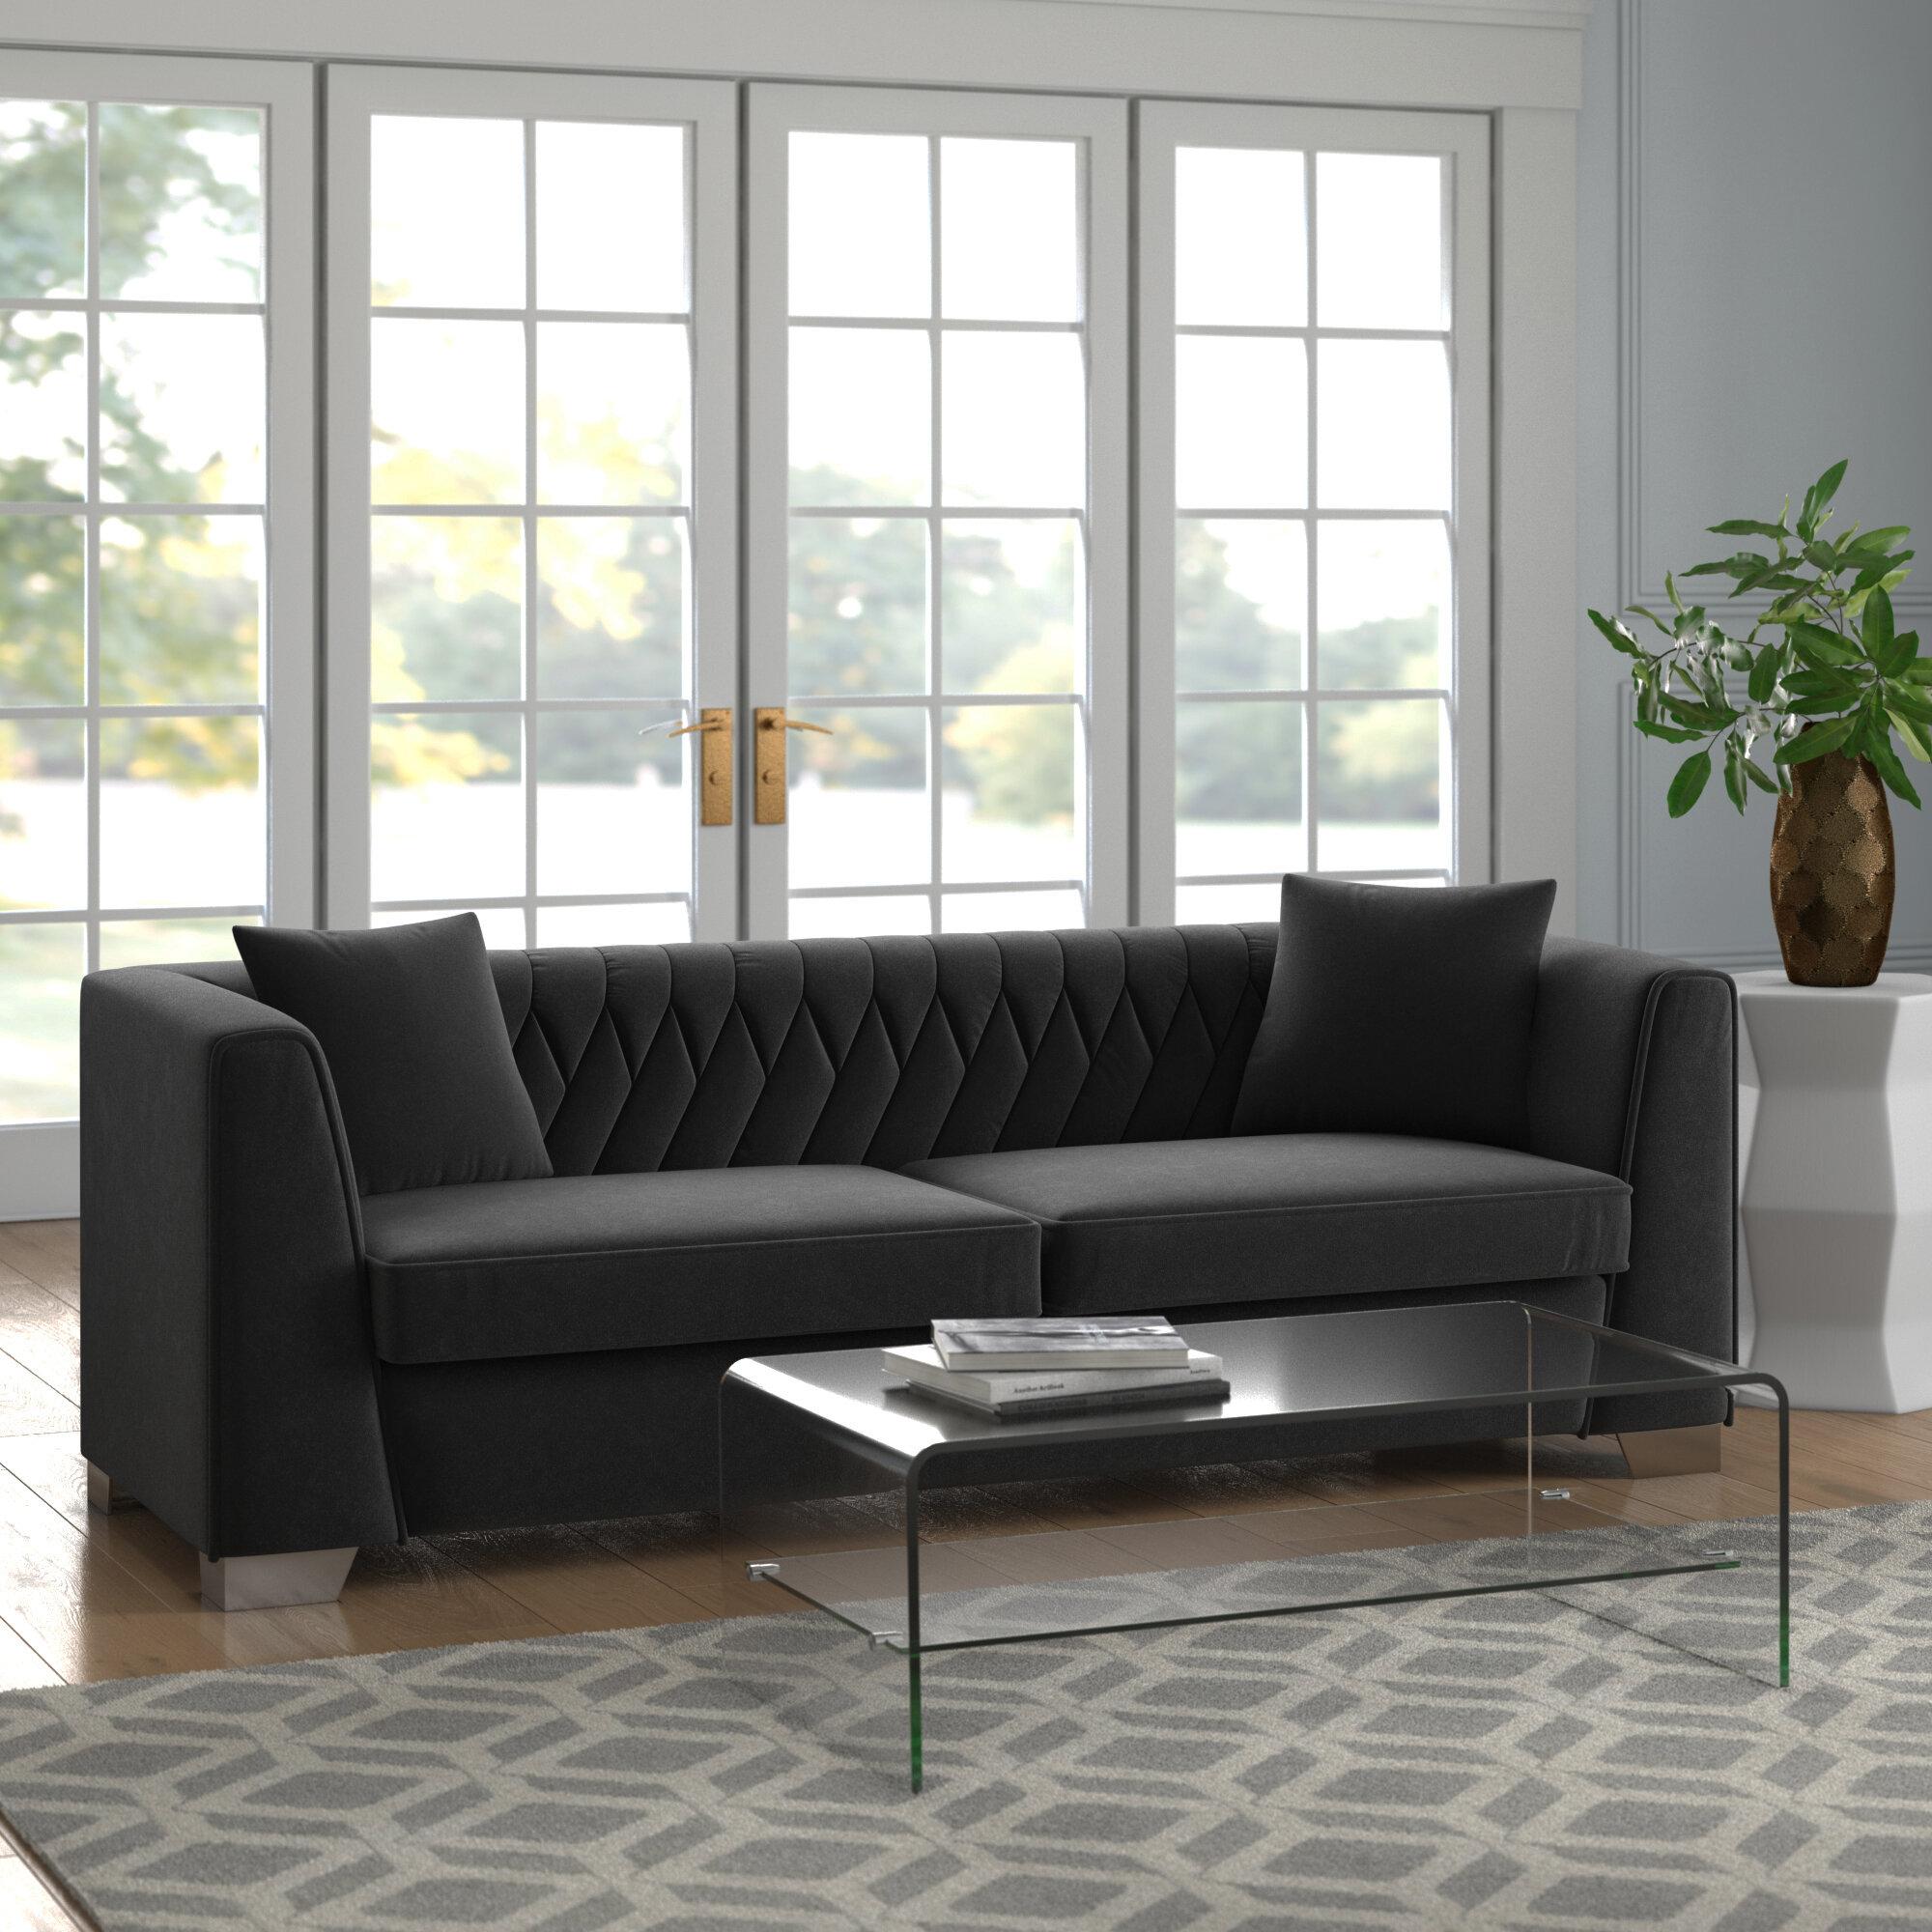 Brayden Studio Gagnon Contemporary Sofa